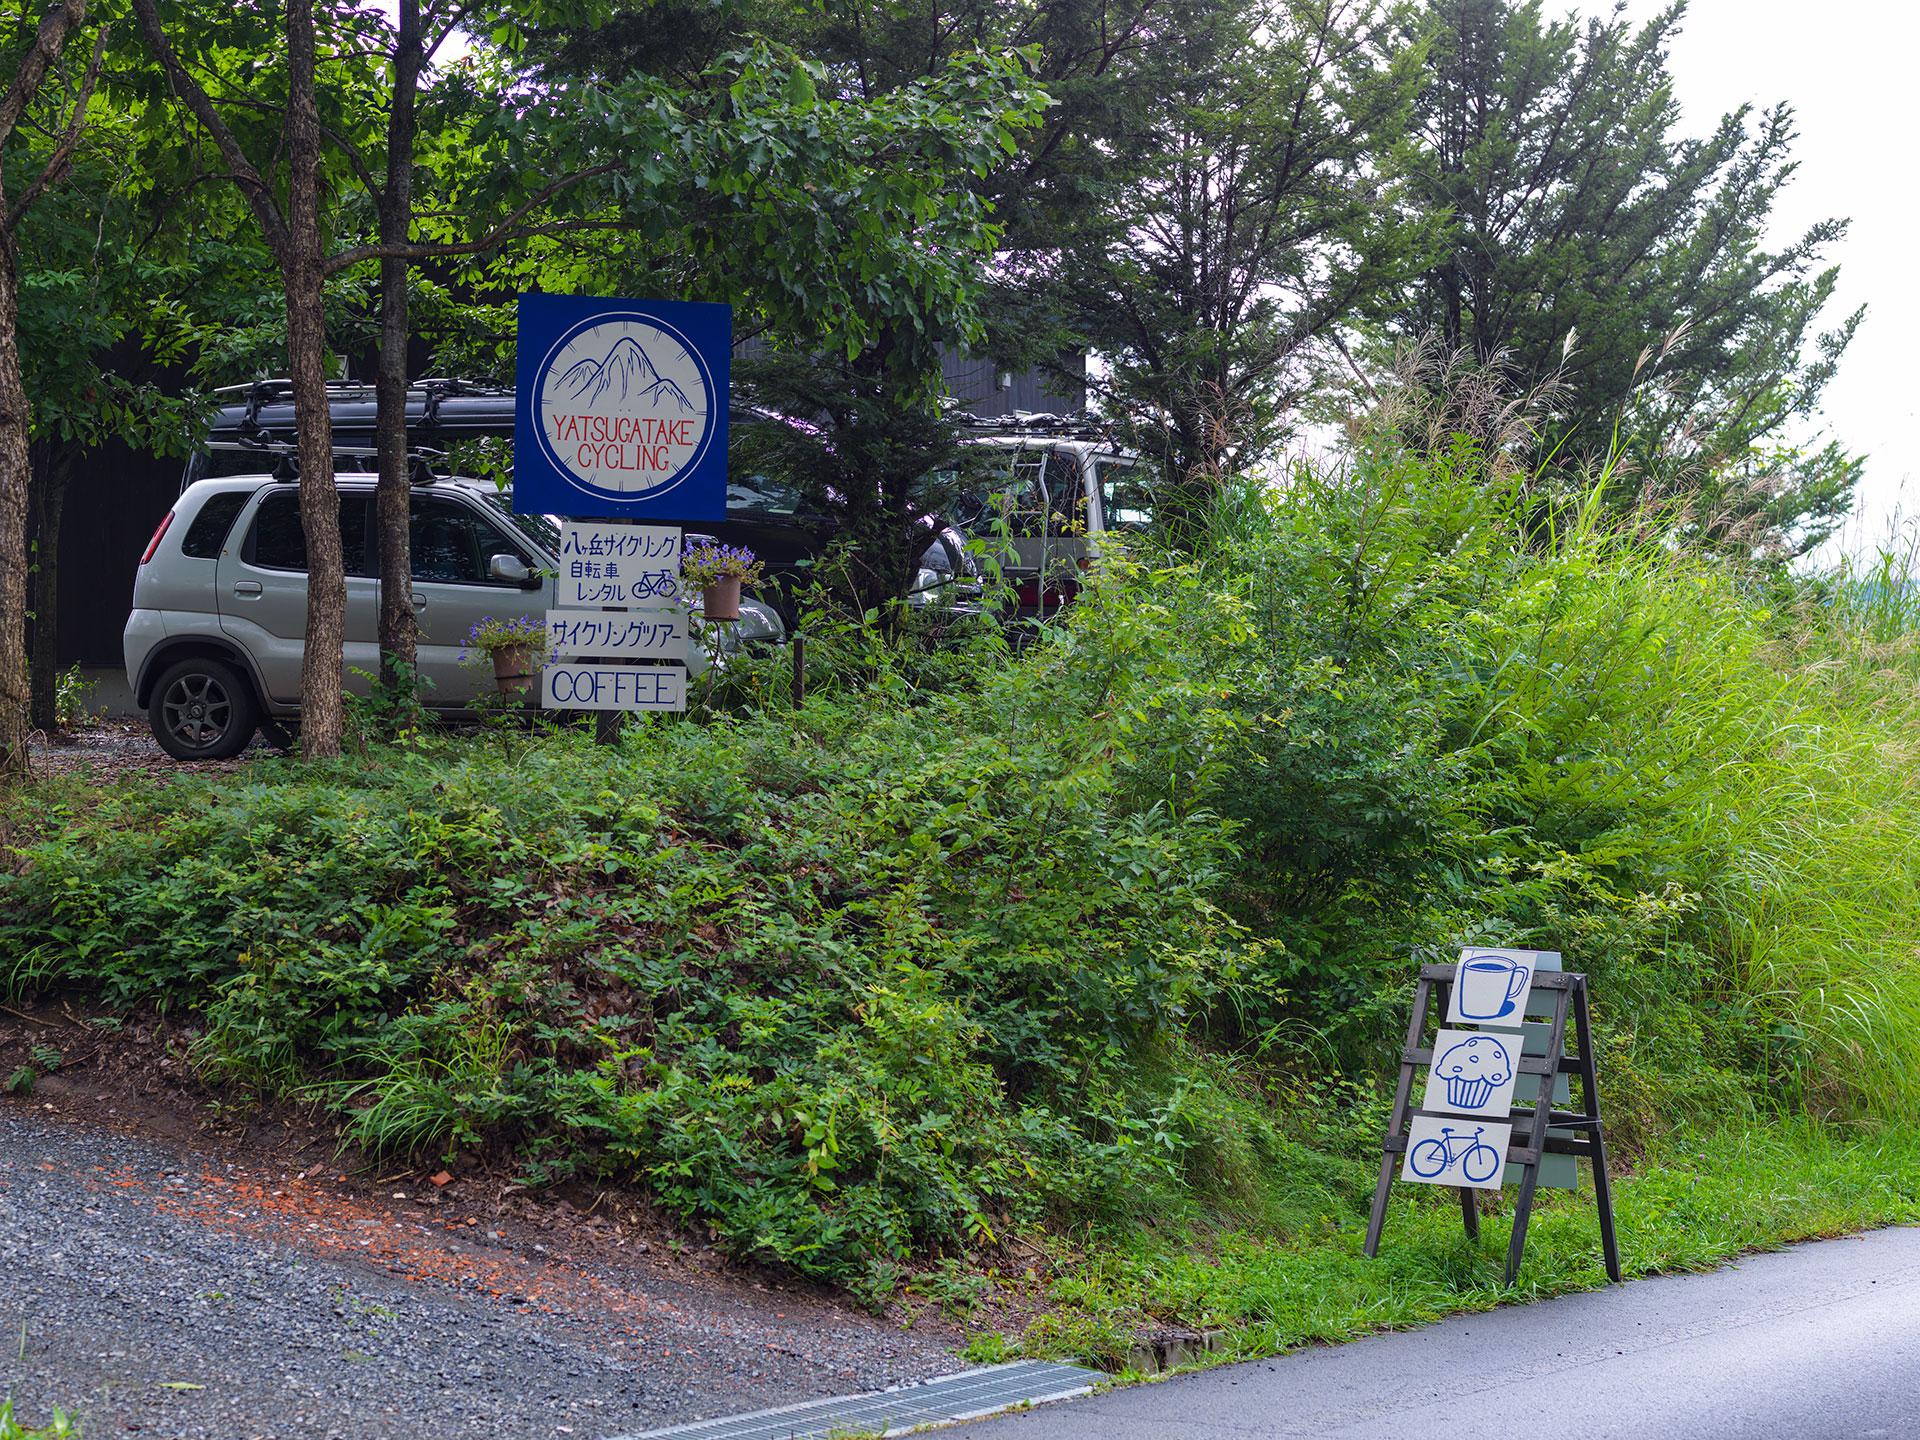 yatsugatake-cycling-jtb-suwa-day2_8451208